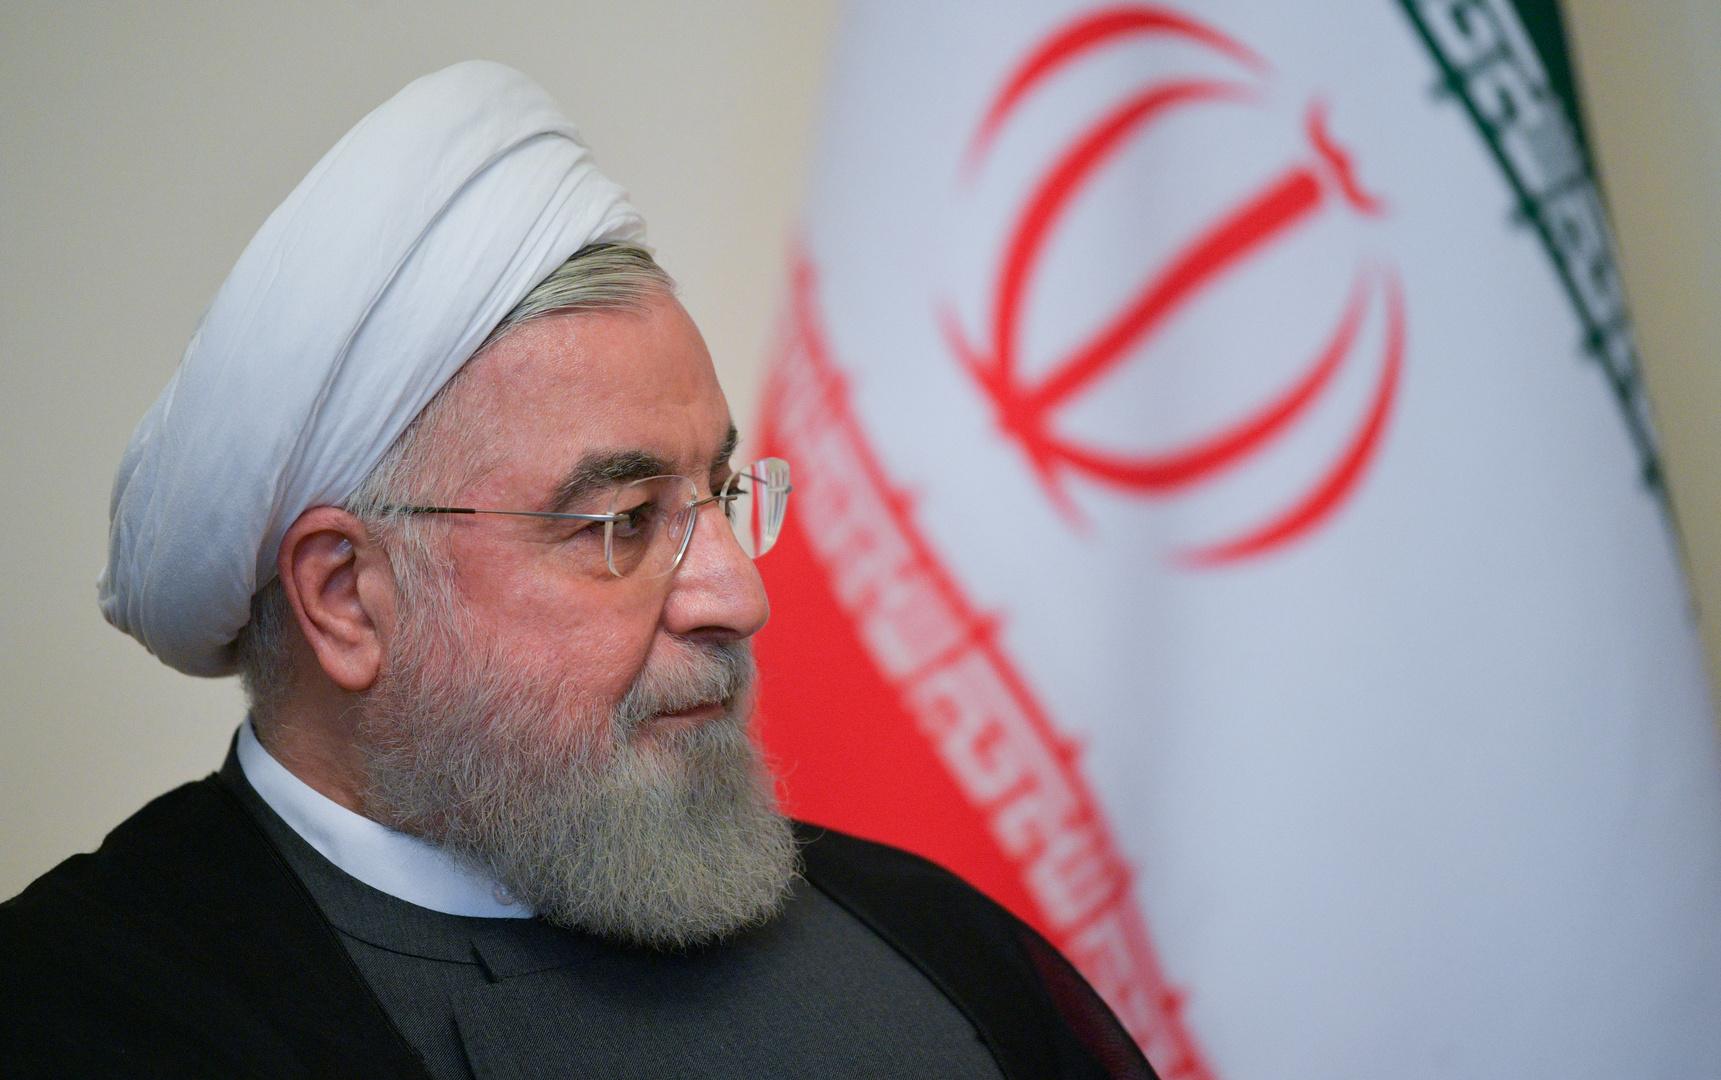 بعد اغتيال فخري زاده.. روحاني يصدر توجيهات إلى الحكومة